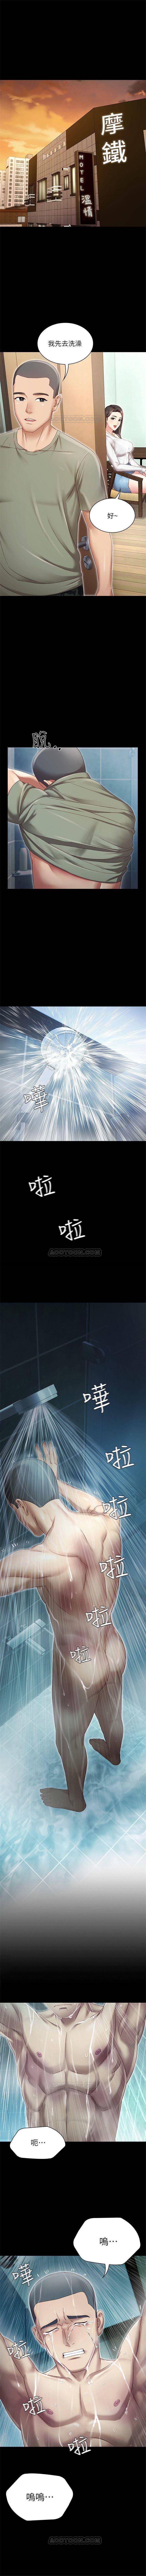 妹妹的義務 1-38 官方中文(連載中) 4